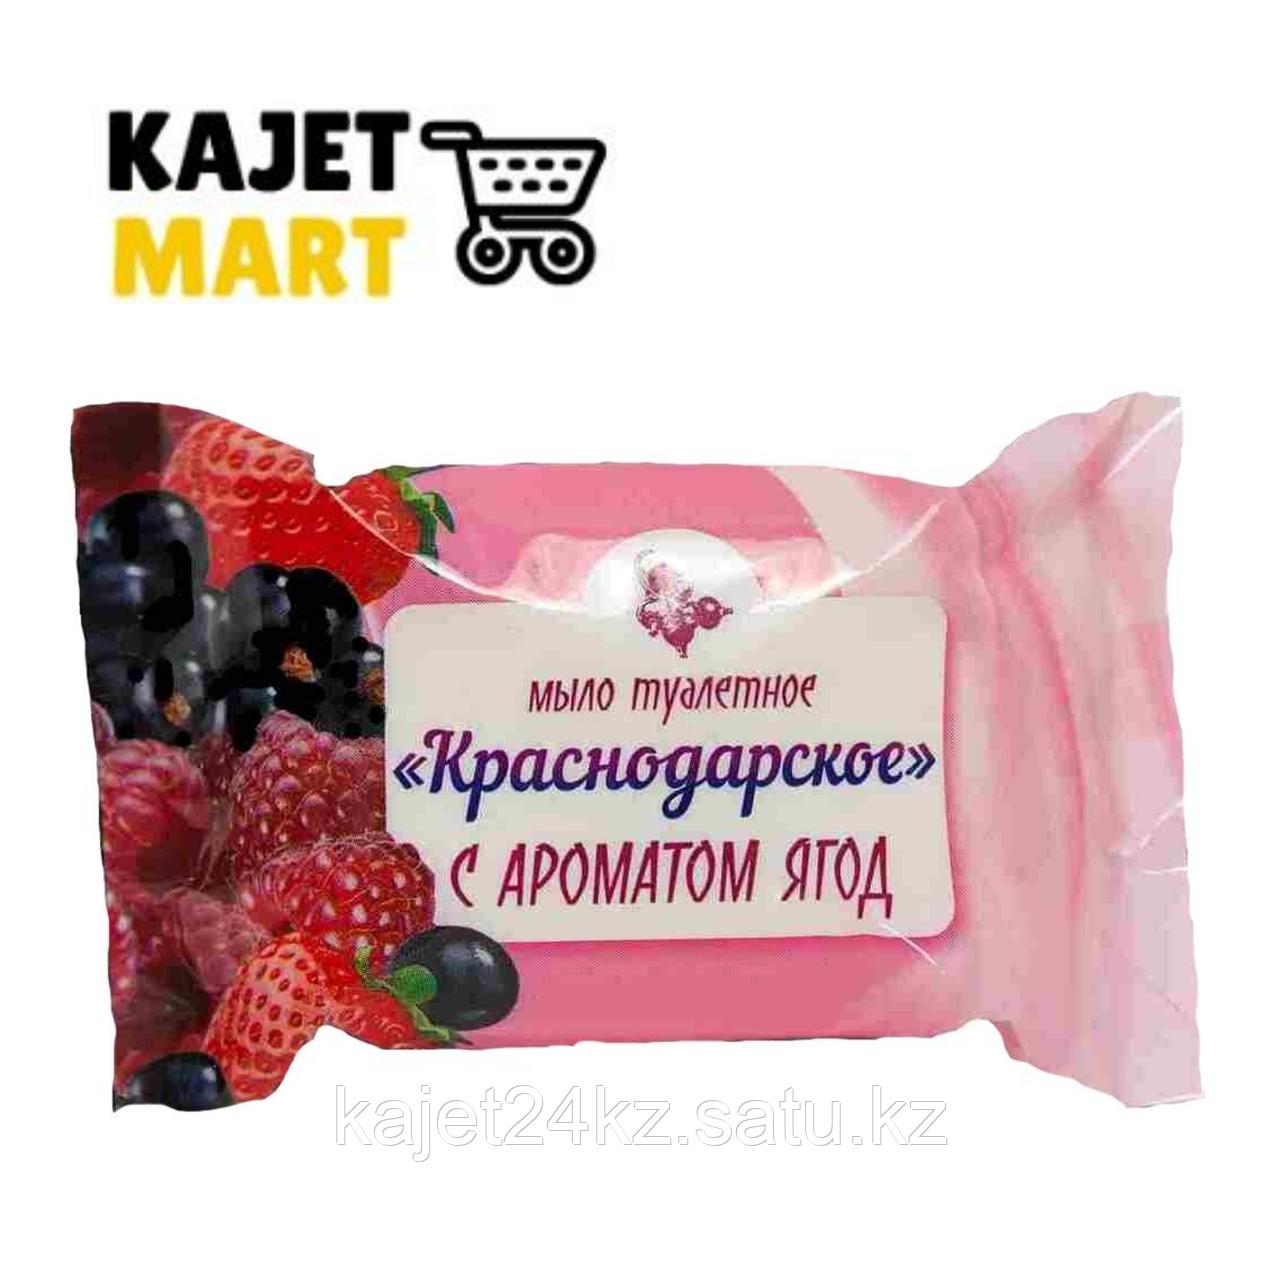 Мыло туалетное «Краснодарское» С АРОМАТОМ ЯГОД 150 гр